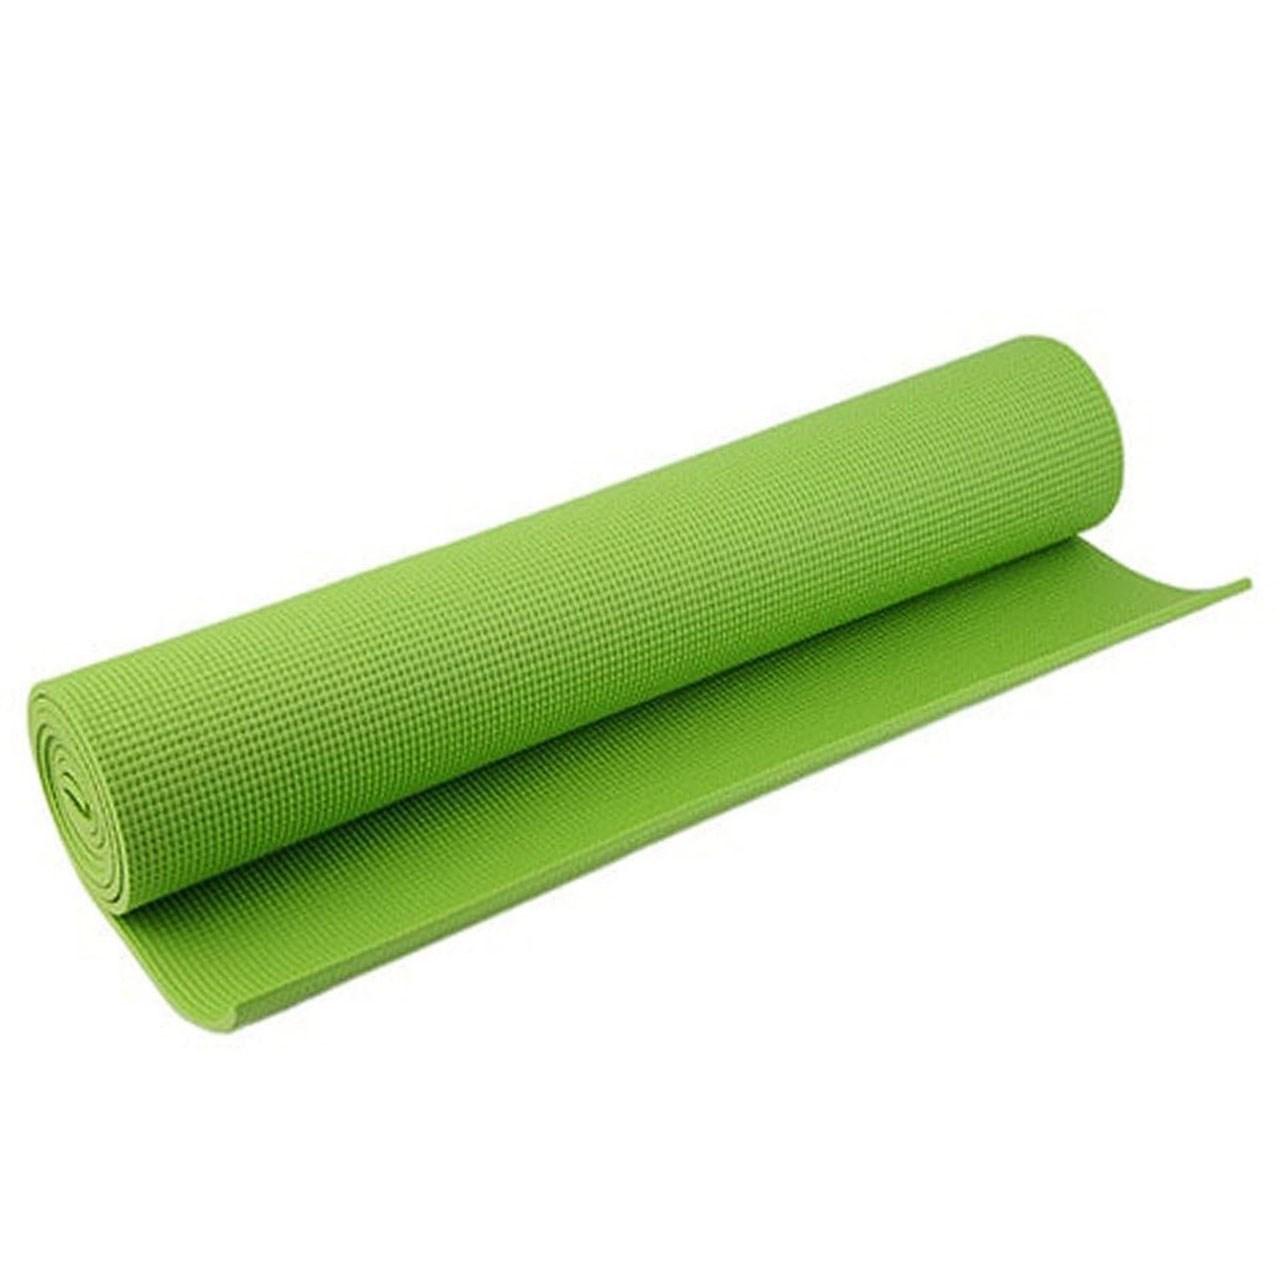 زیرانداز یوگا گلدن استار مدل PVC ضخامت 6 میلی متر